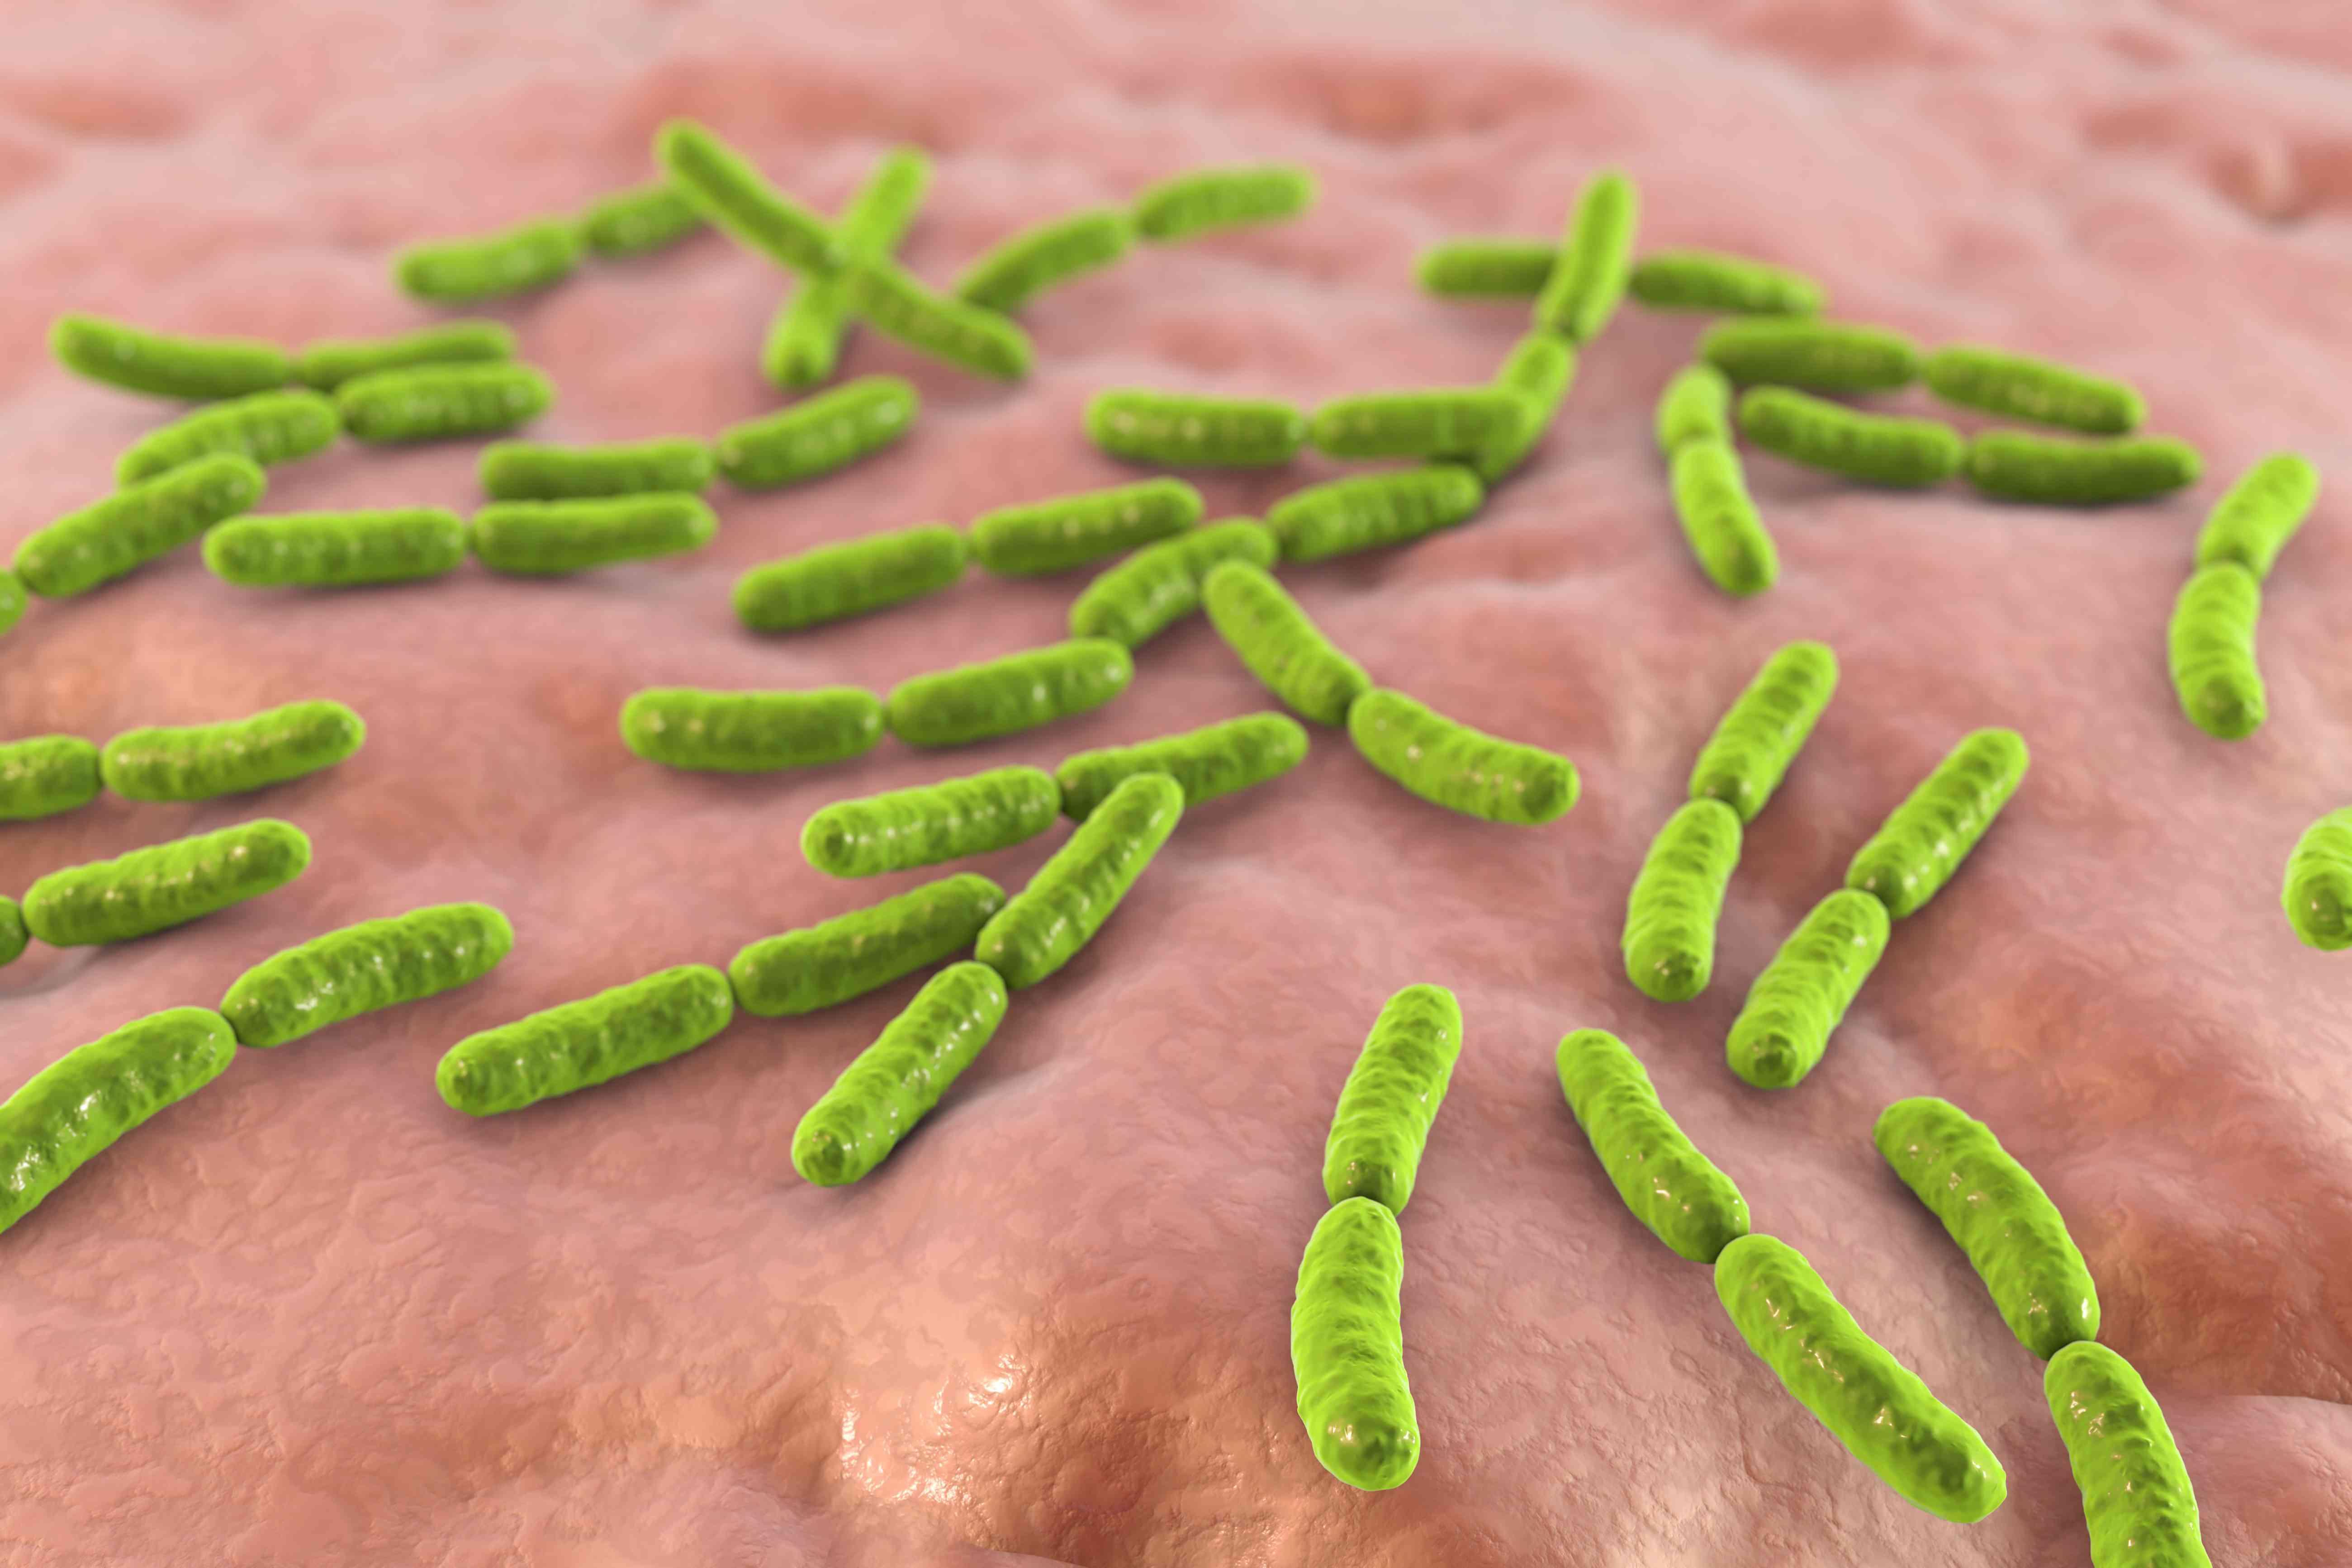 Illustration of Lactobacillus crispatus bacteria